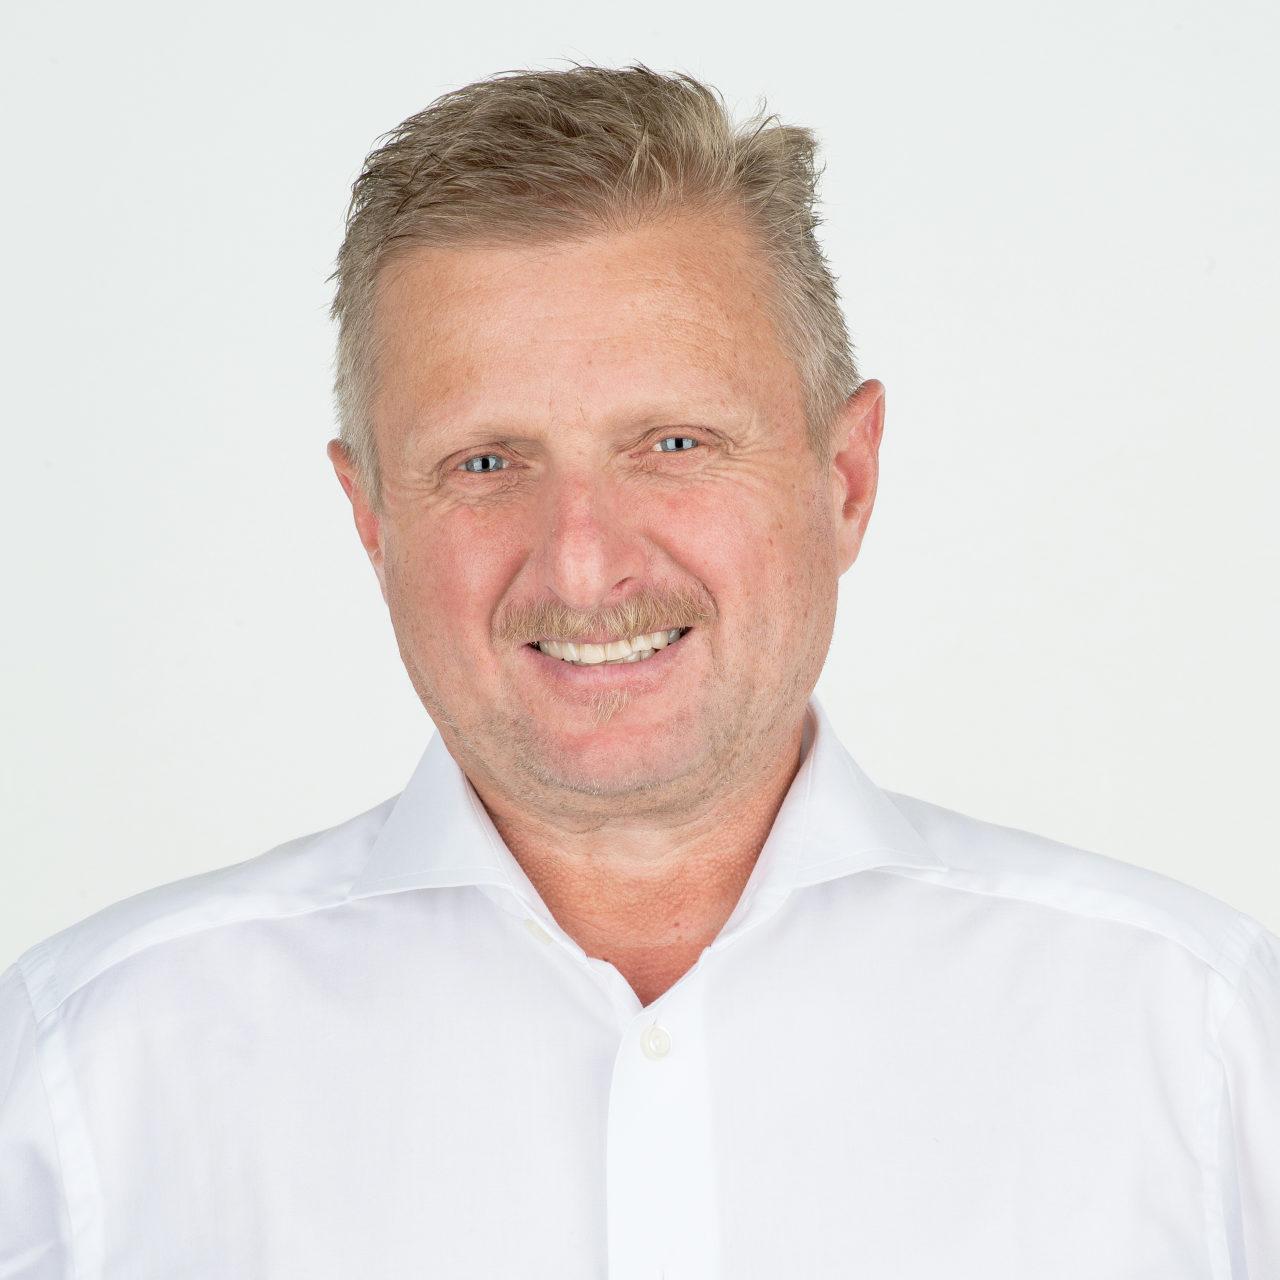 Karl Heinz Bergmann Endeco Anlagenbau Engineering